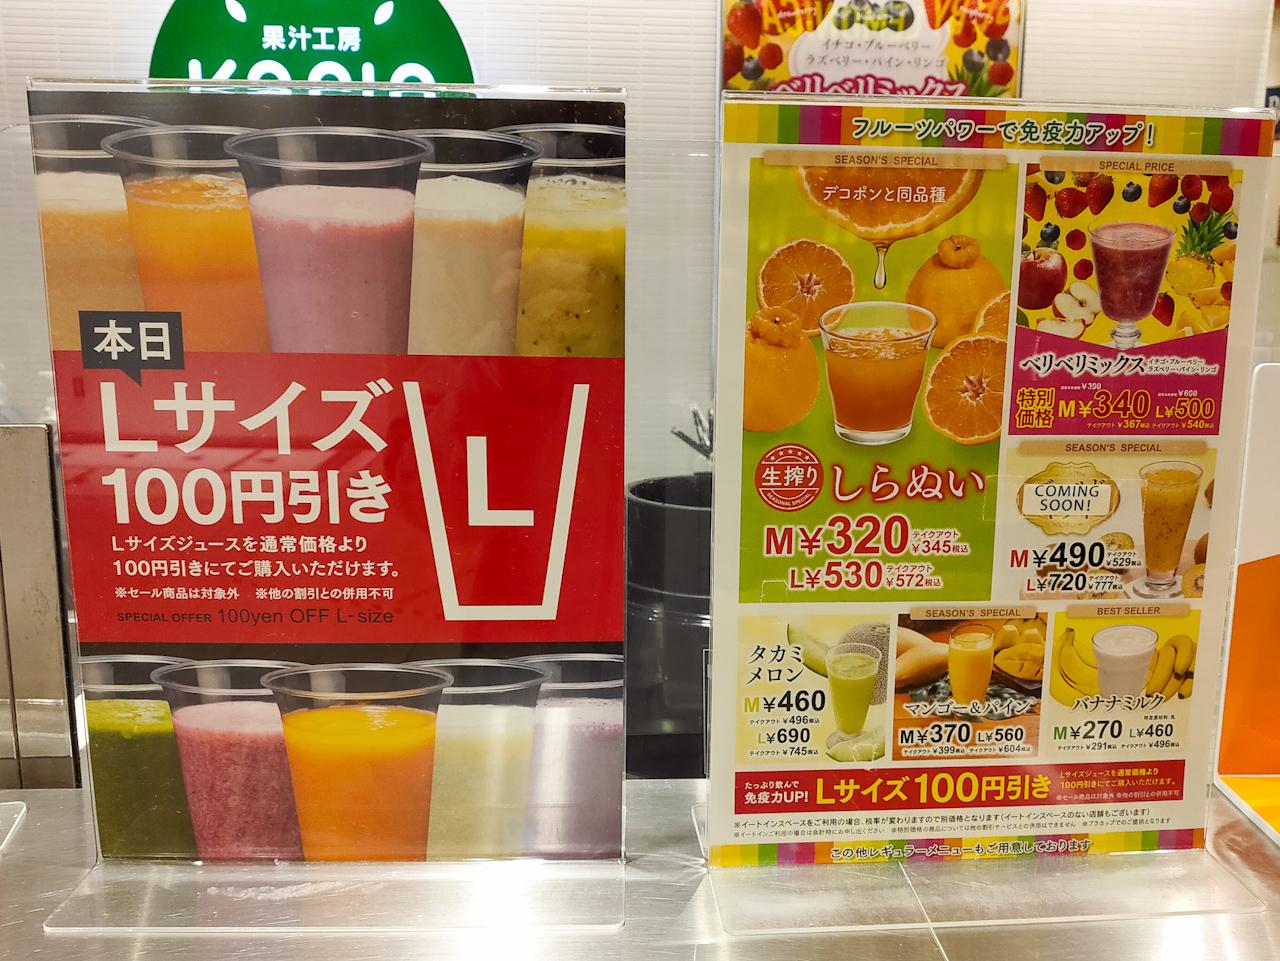 不定期で「Lサイズが100円引き」になるキャンペーンも行われています